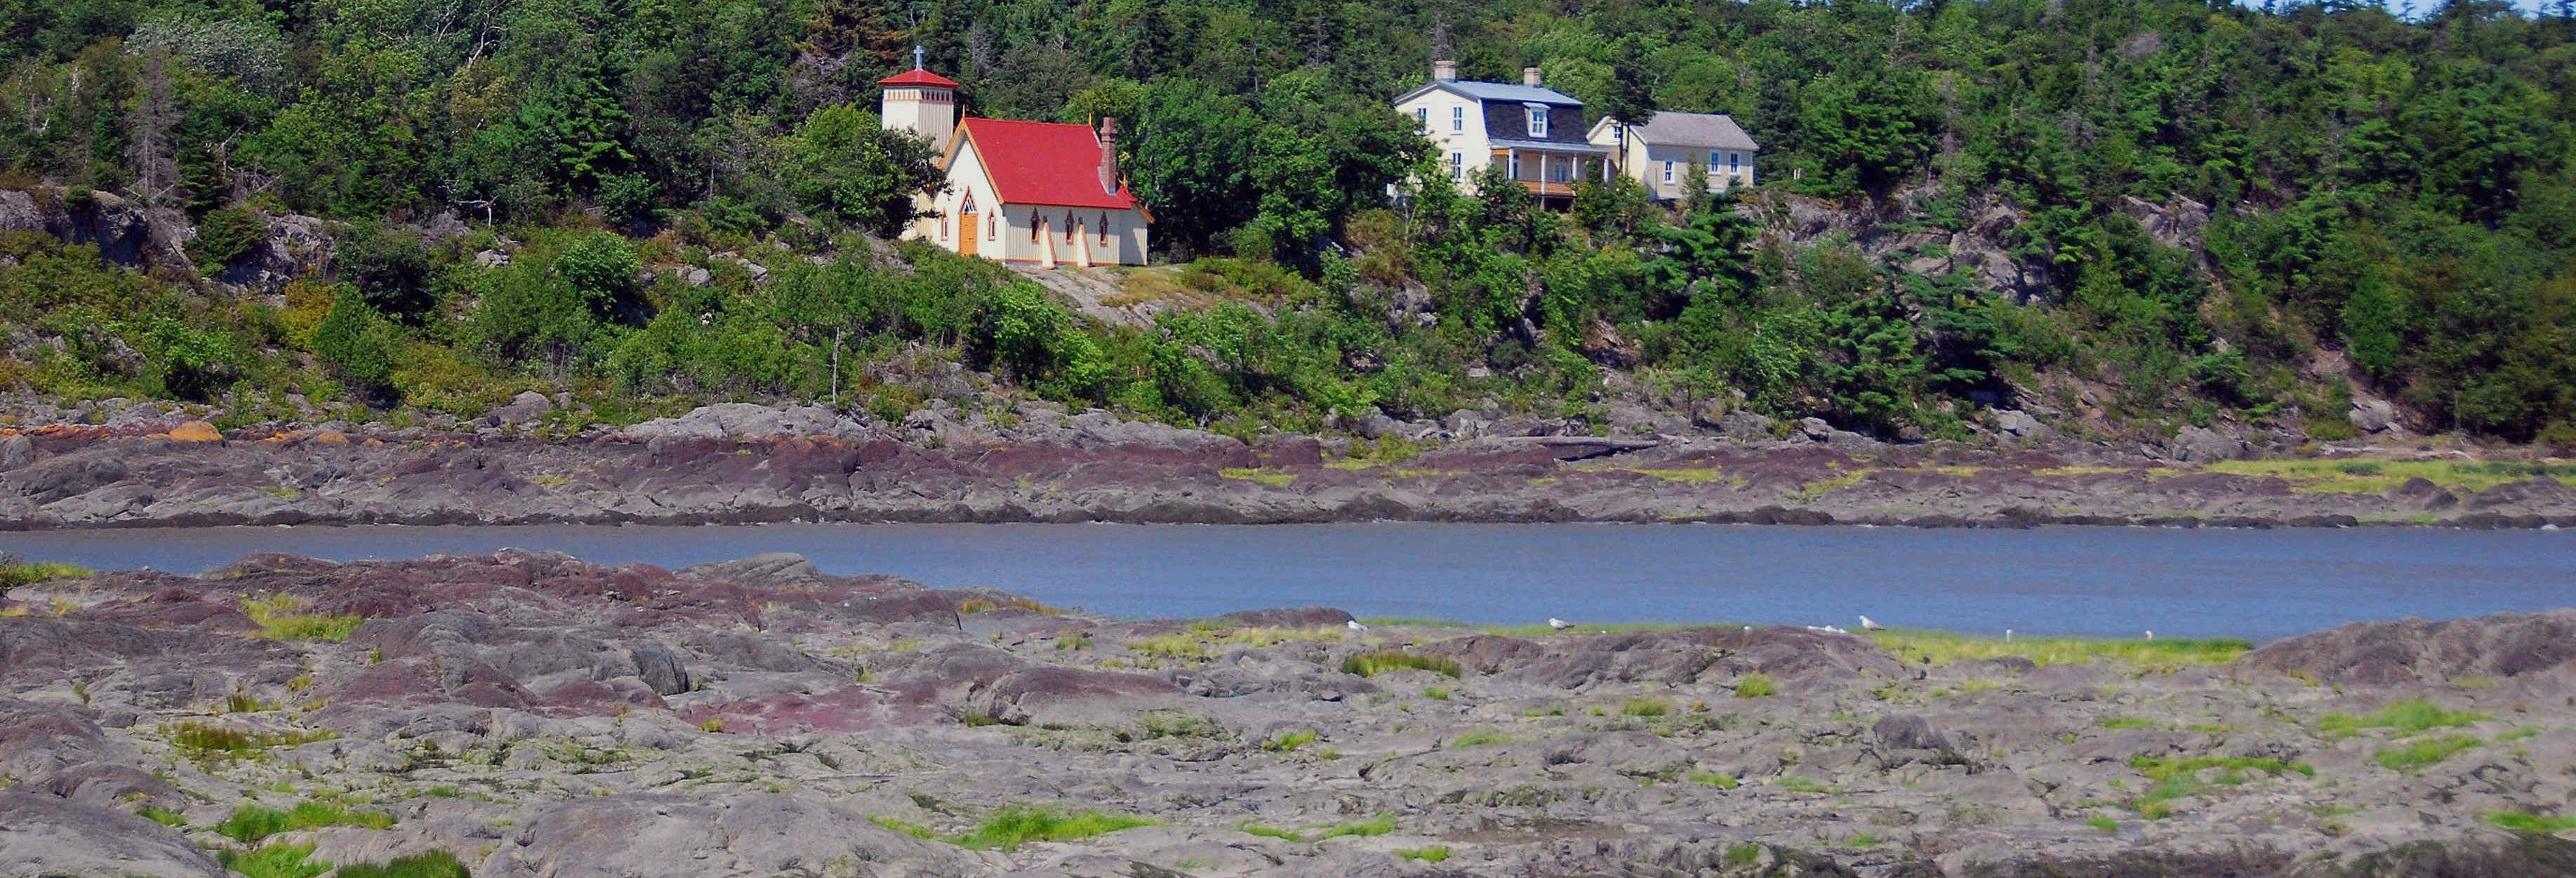 Excursion à Grosse Île